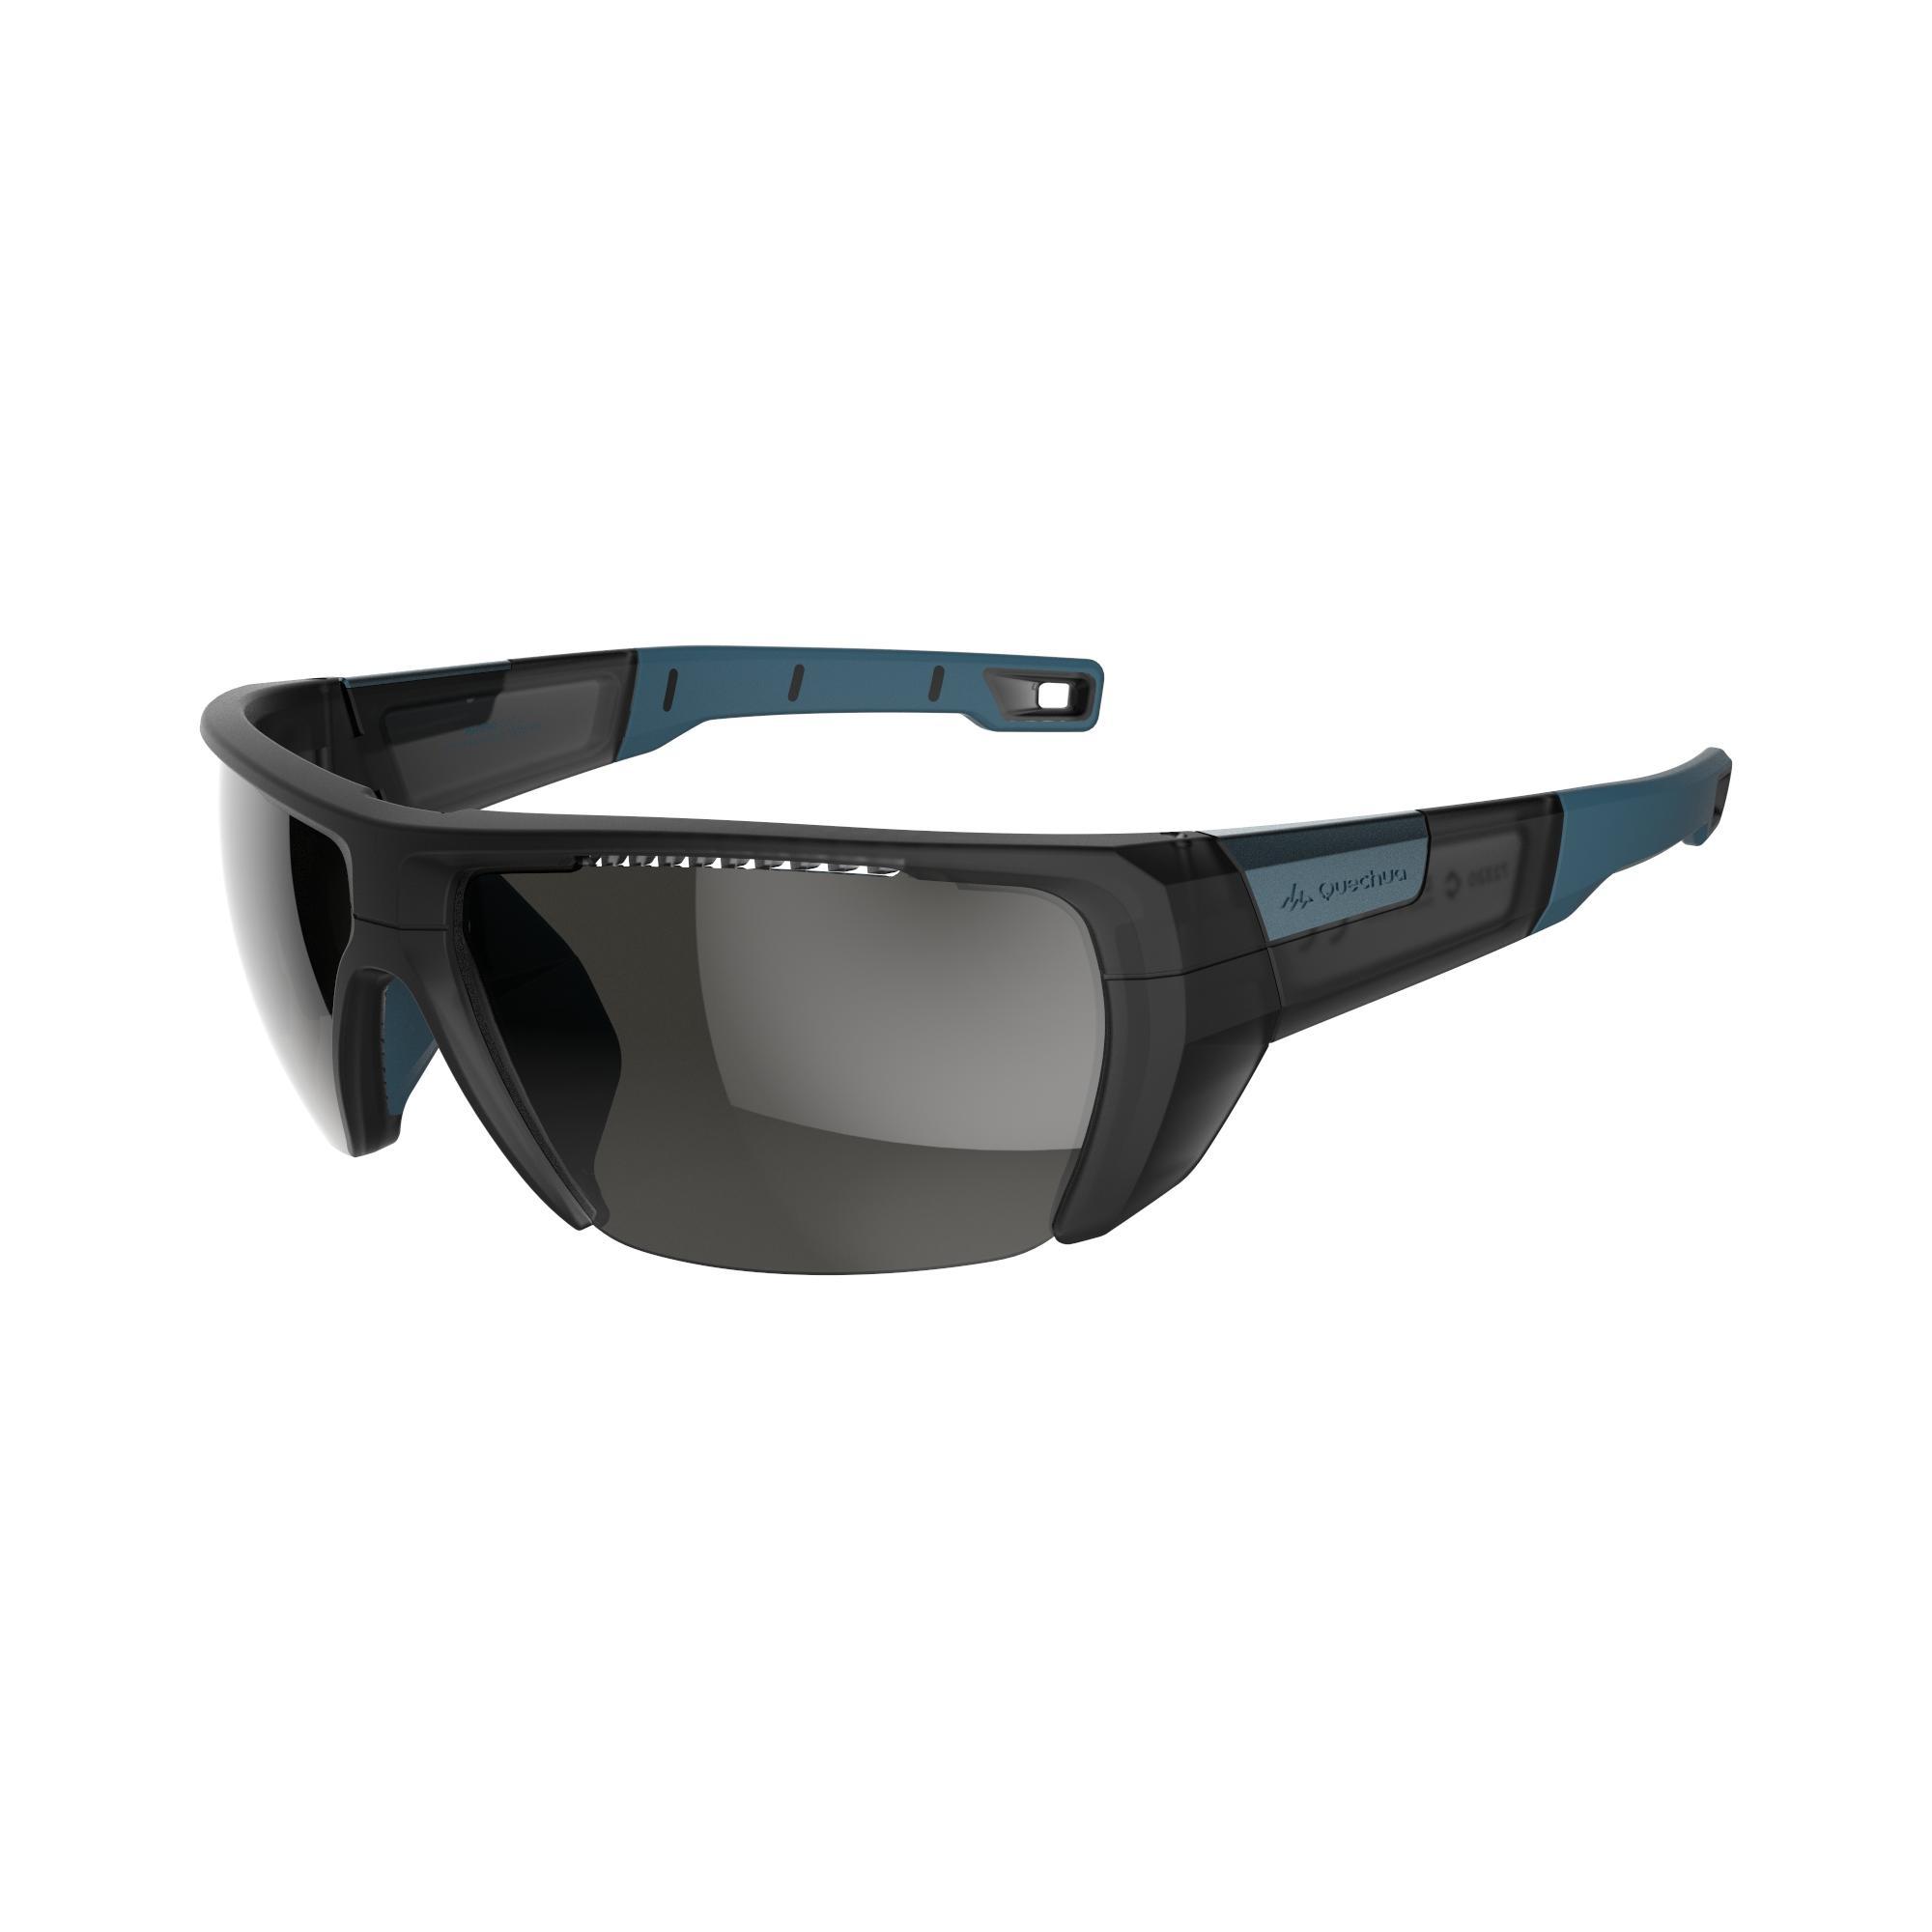 Lunettes de randonnée adulte MH 590 noires et bleues catégorie 4